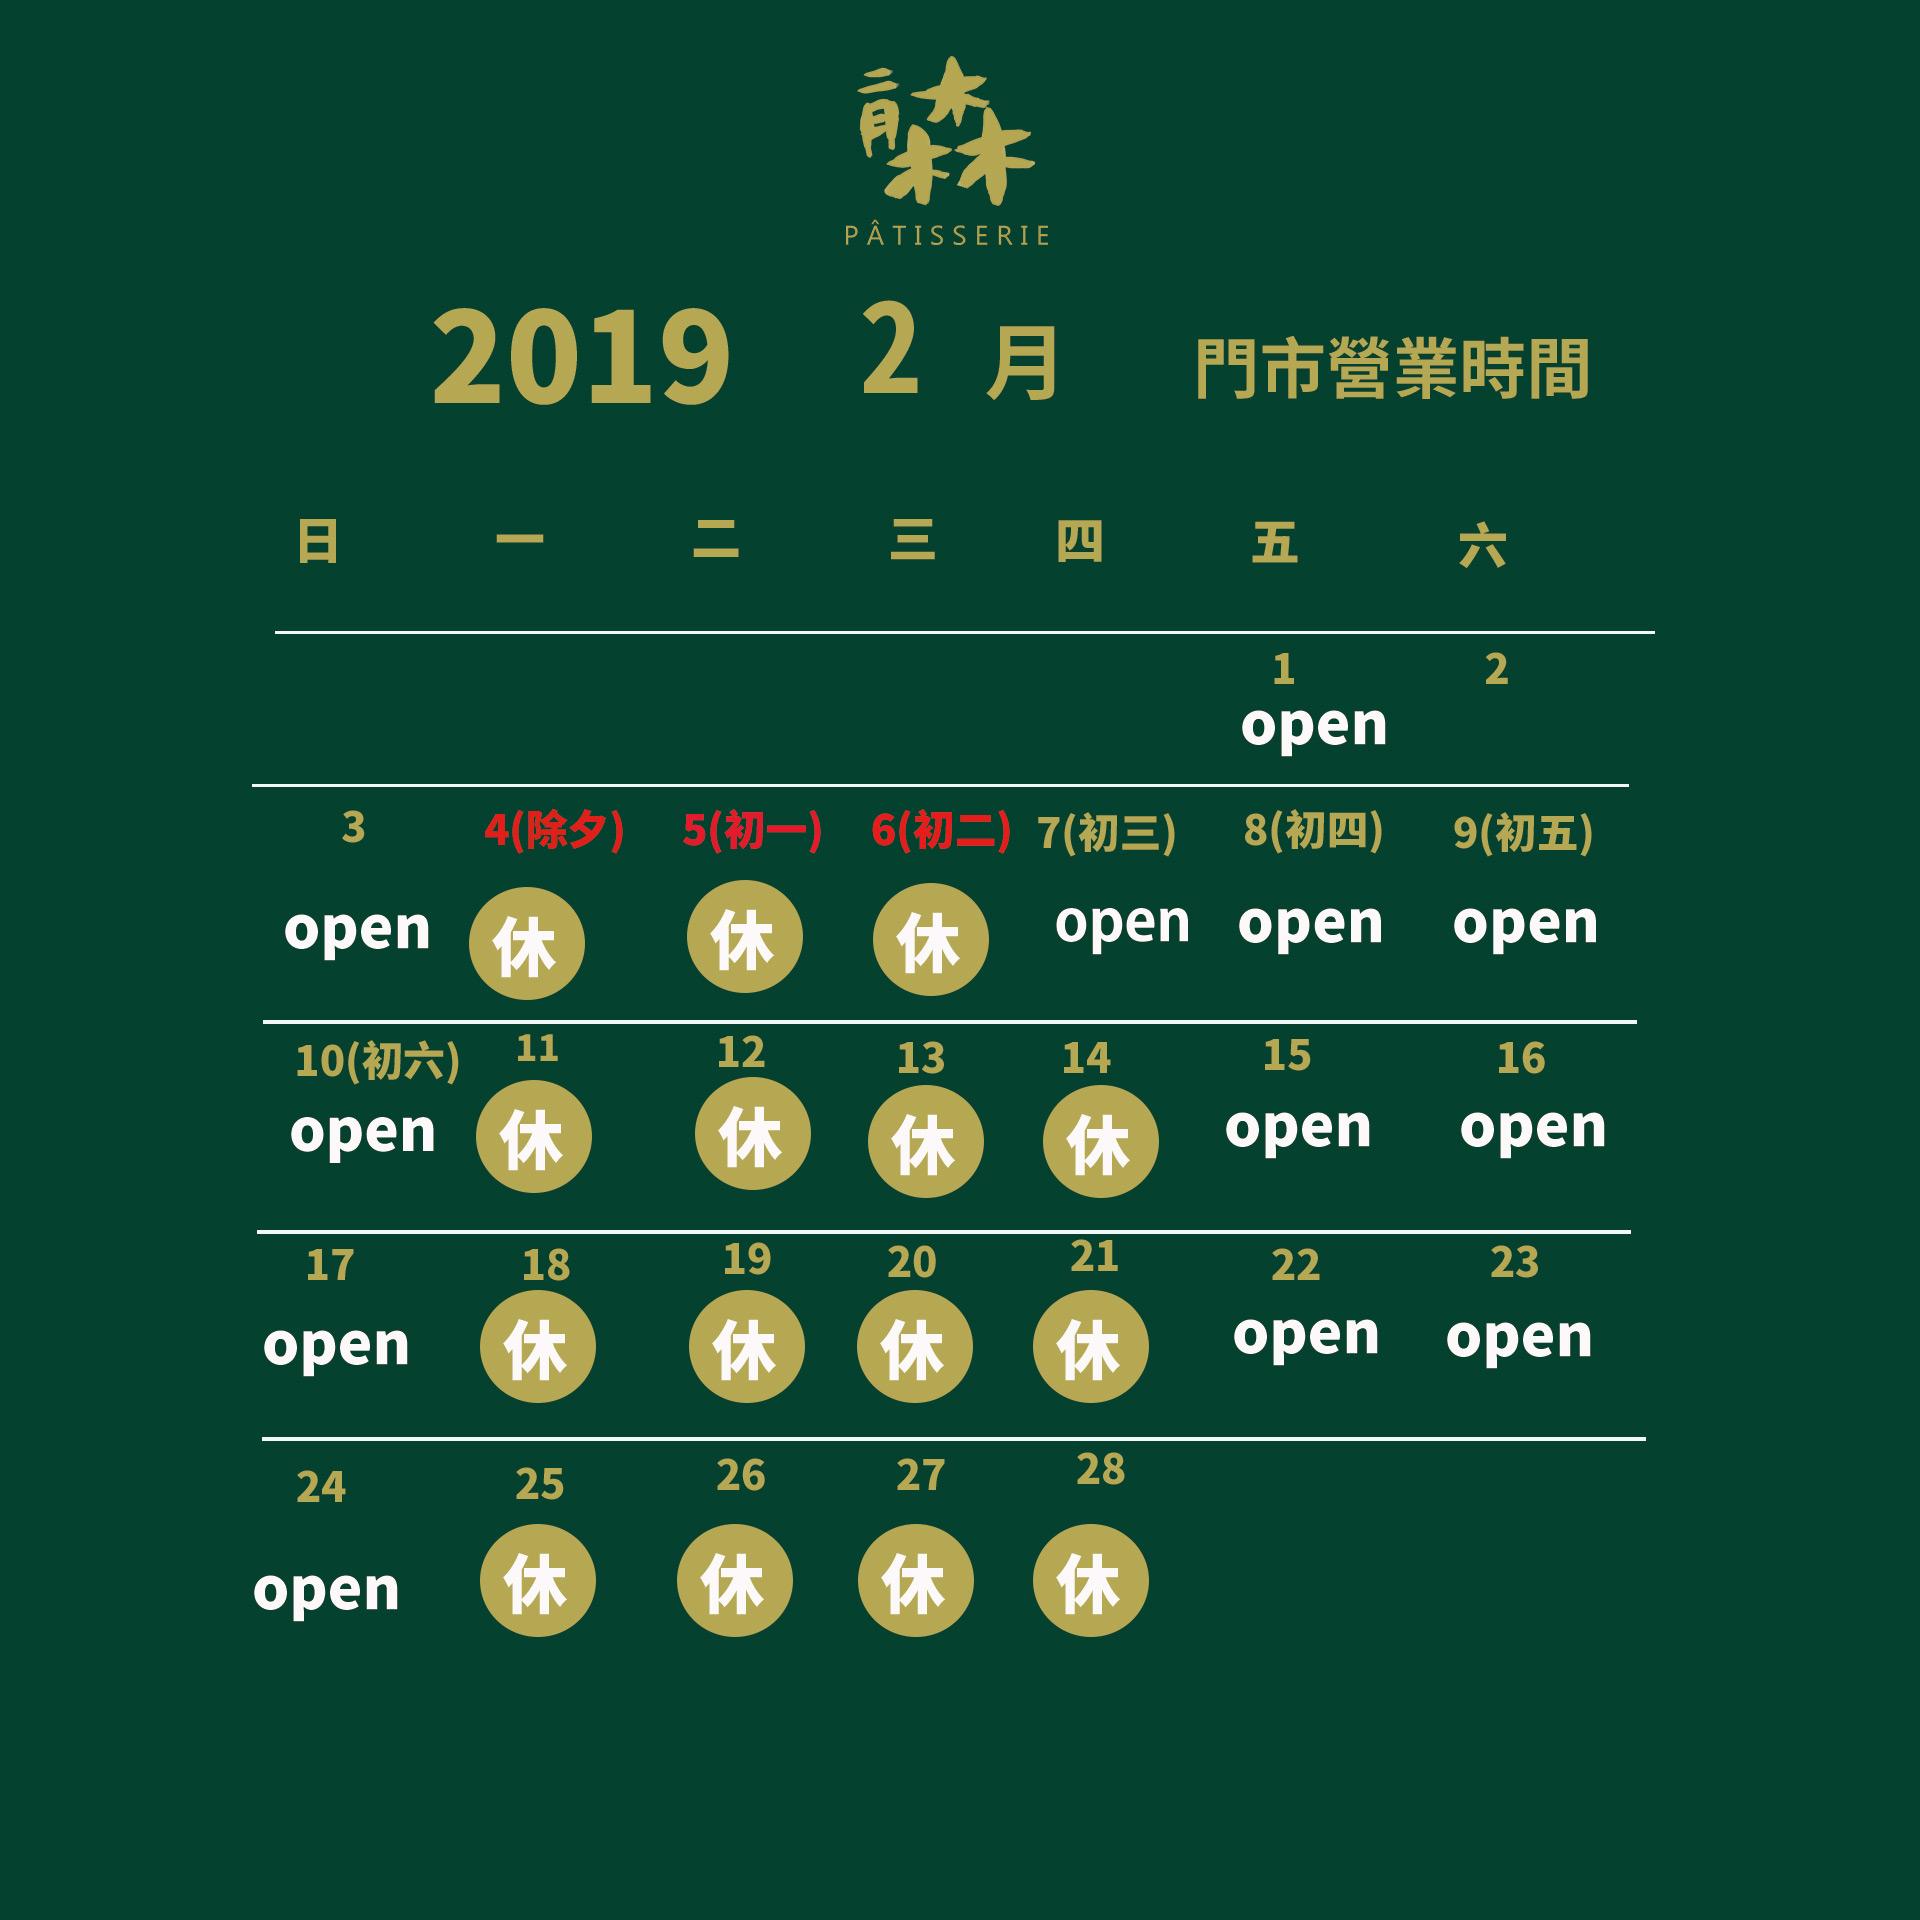 2019 門市行事曆